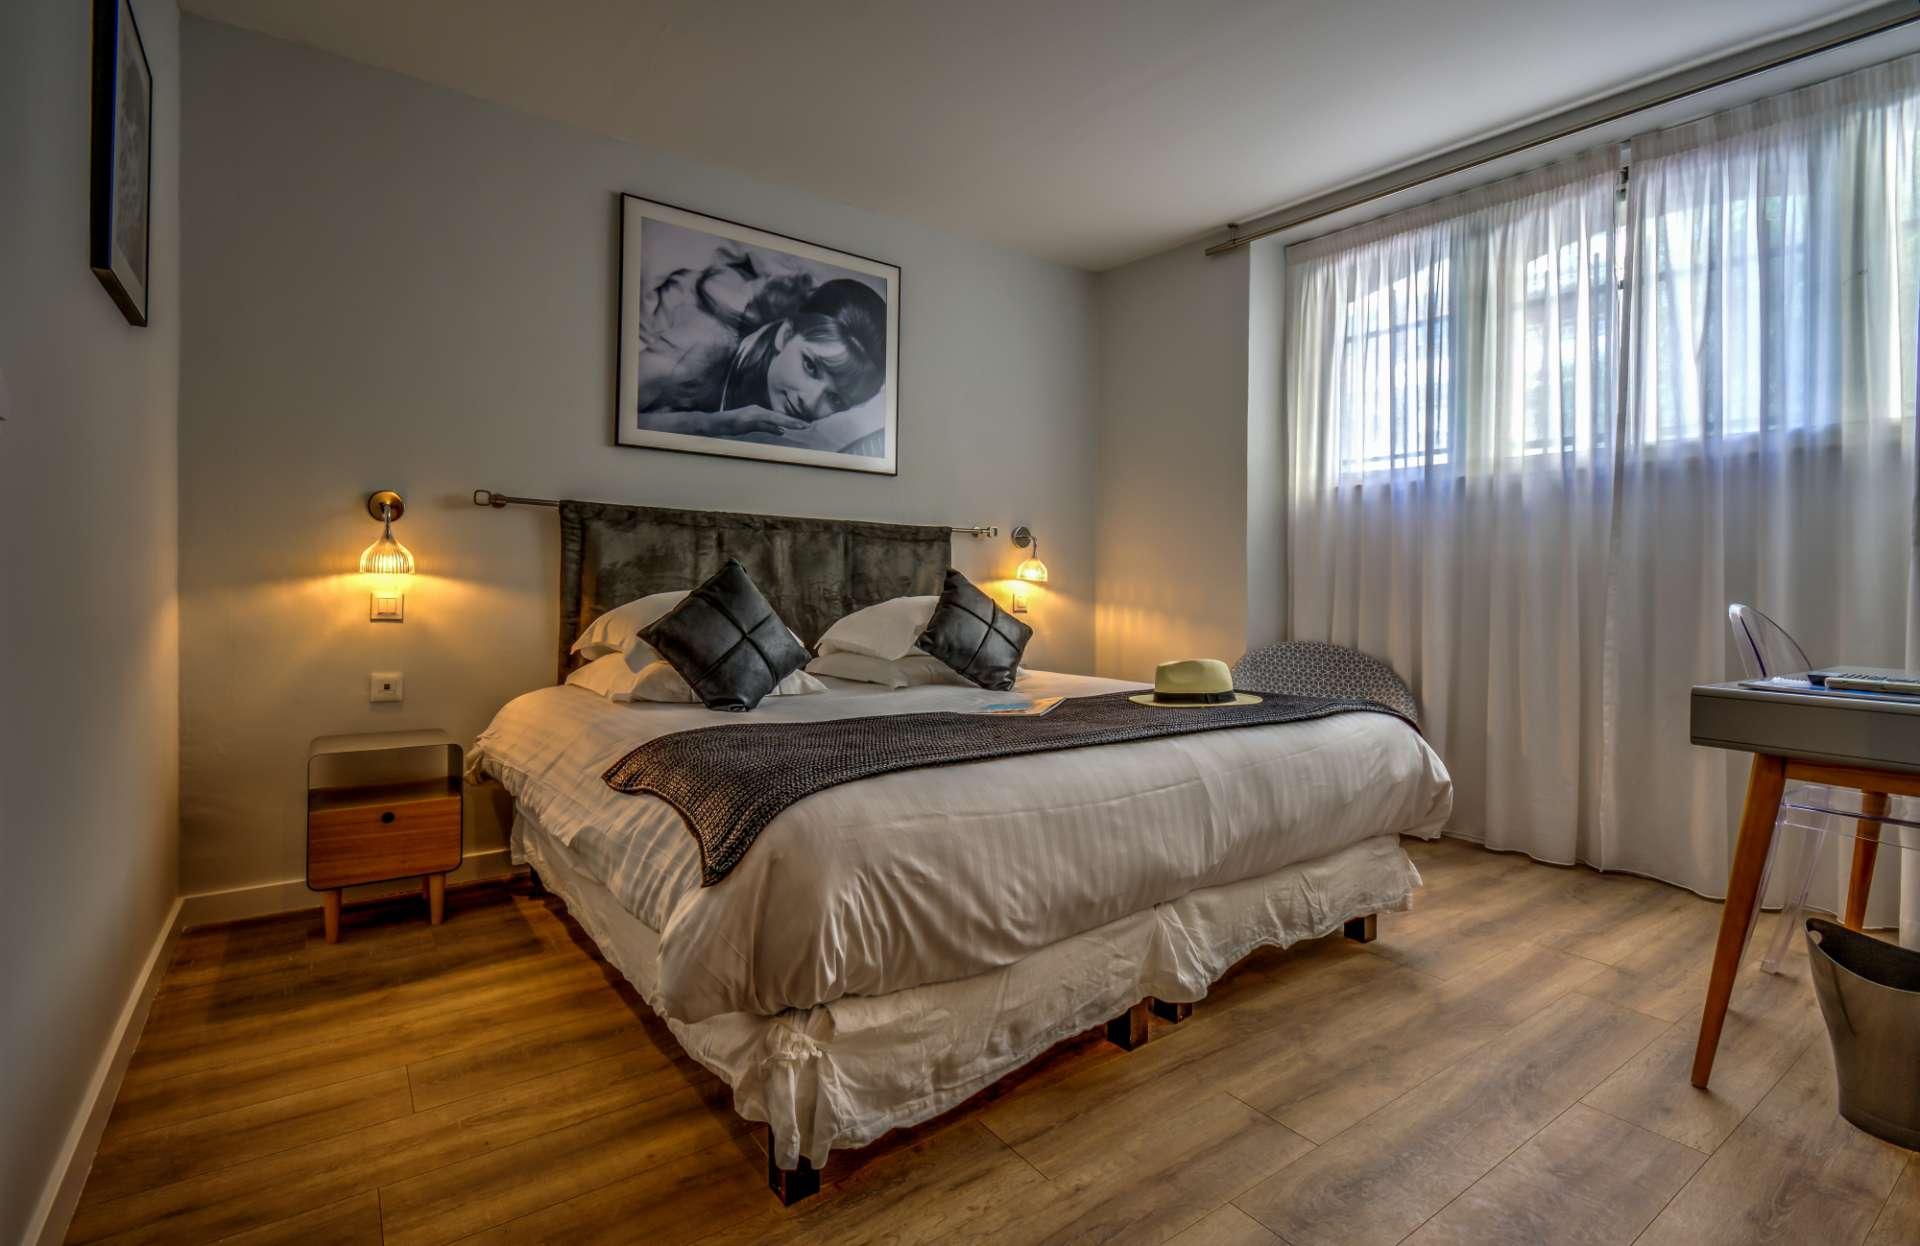 Hotel Chambresamp; De Charme Boutique Suites CannesNos yvwOmNnP80